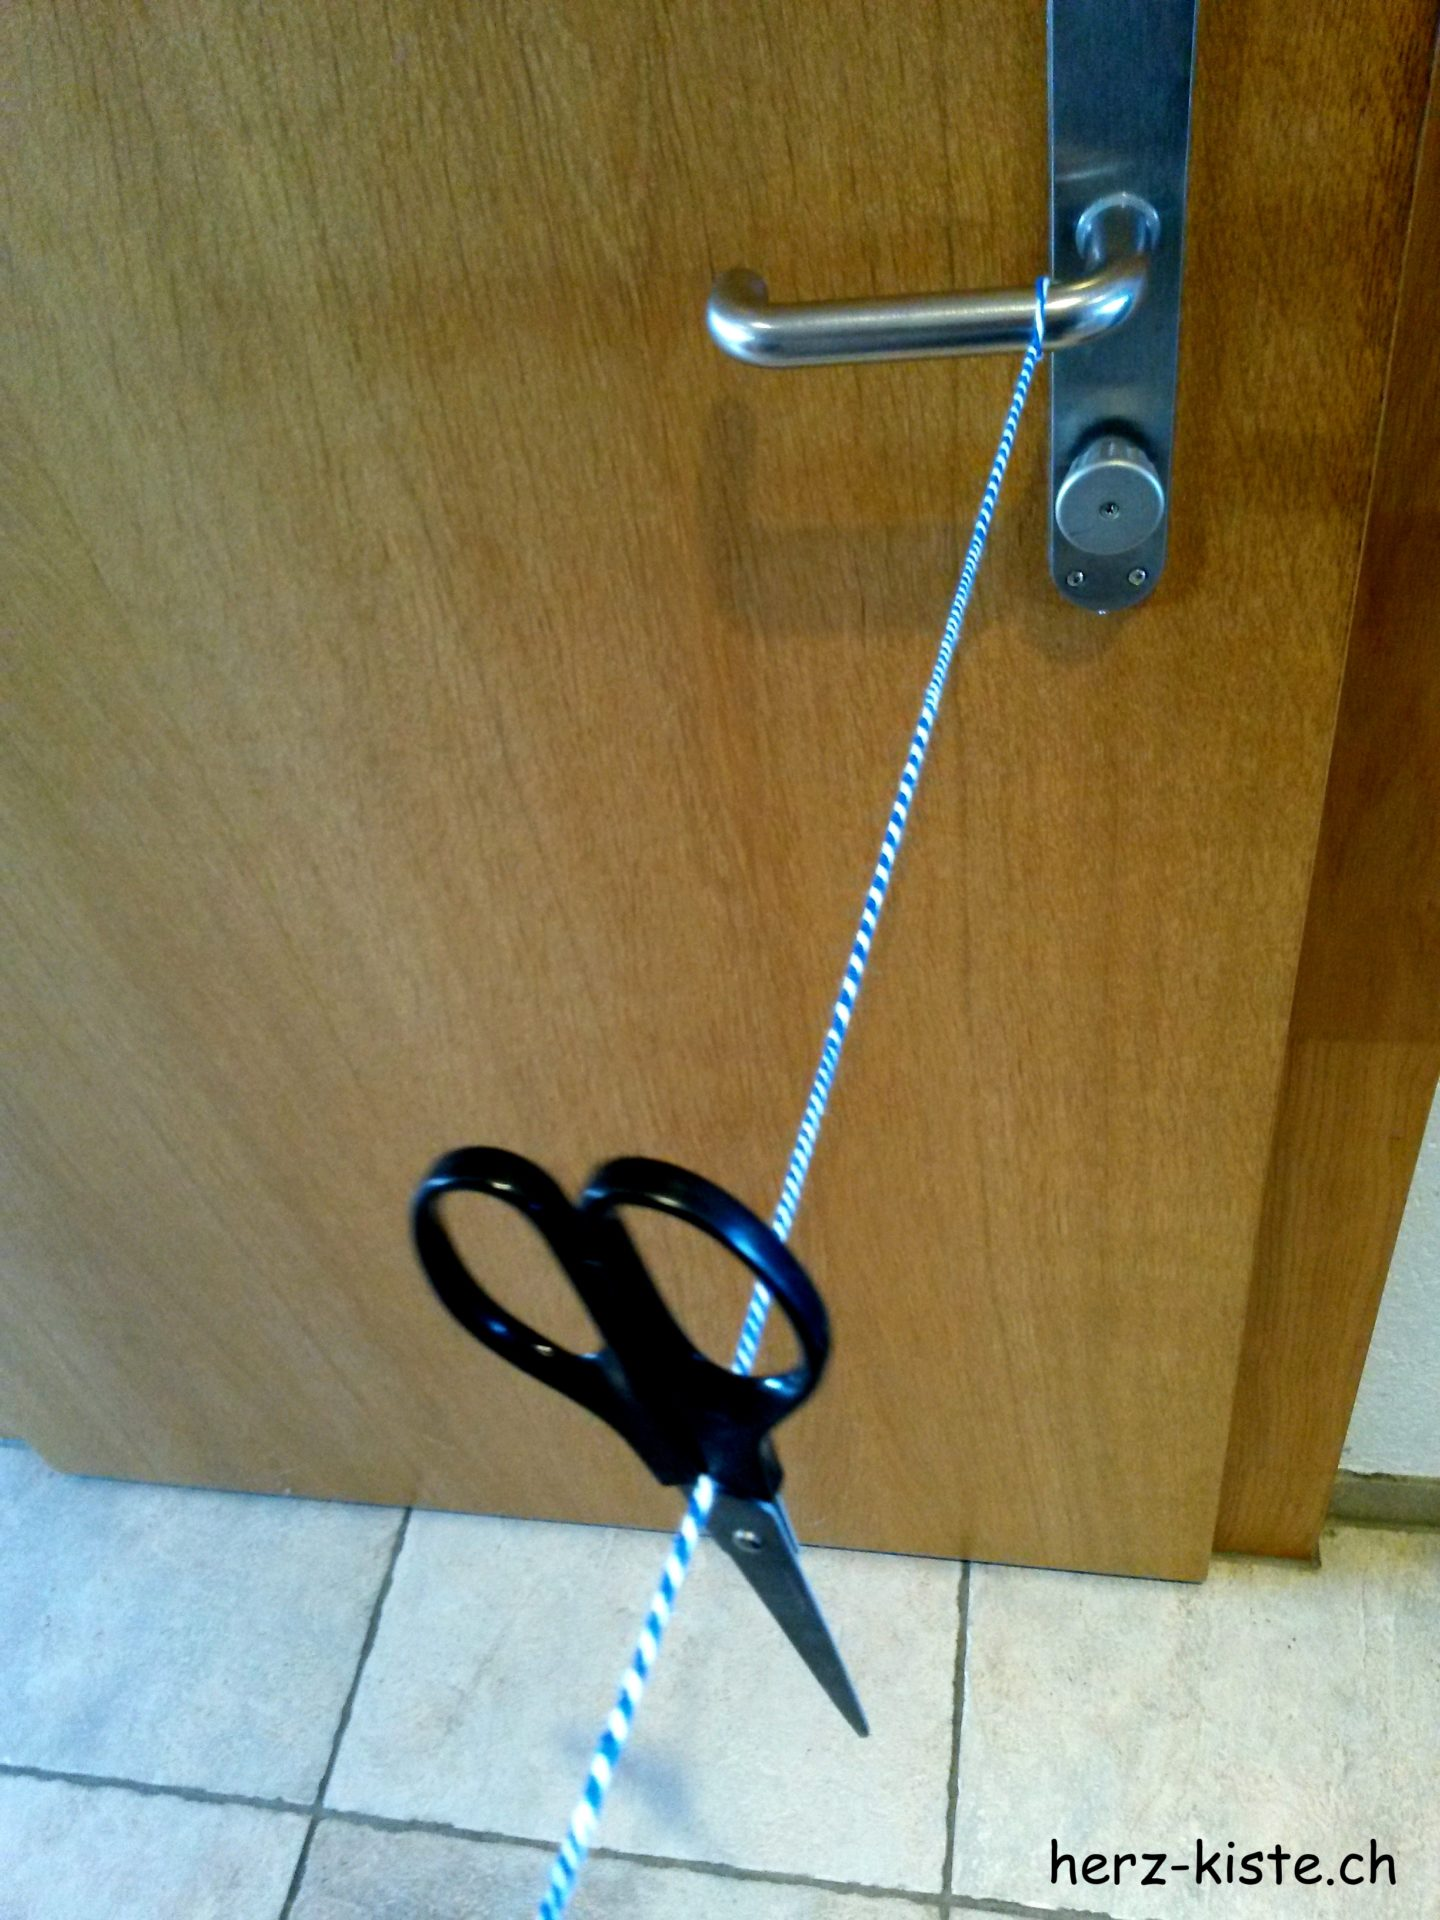 Kordel mit einer Schere an der Türe drehen